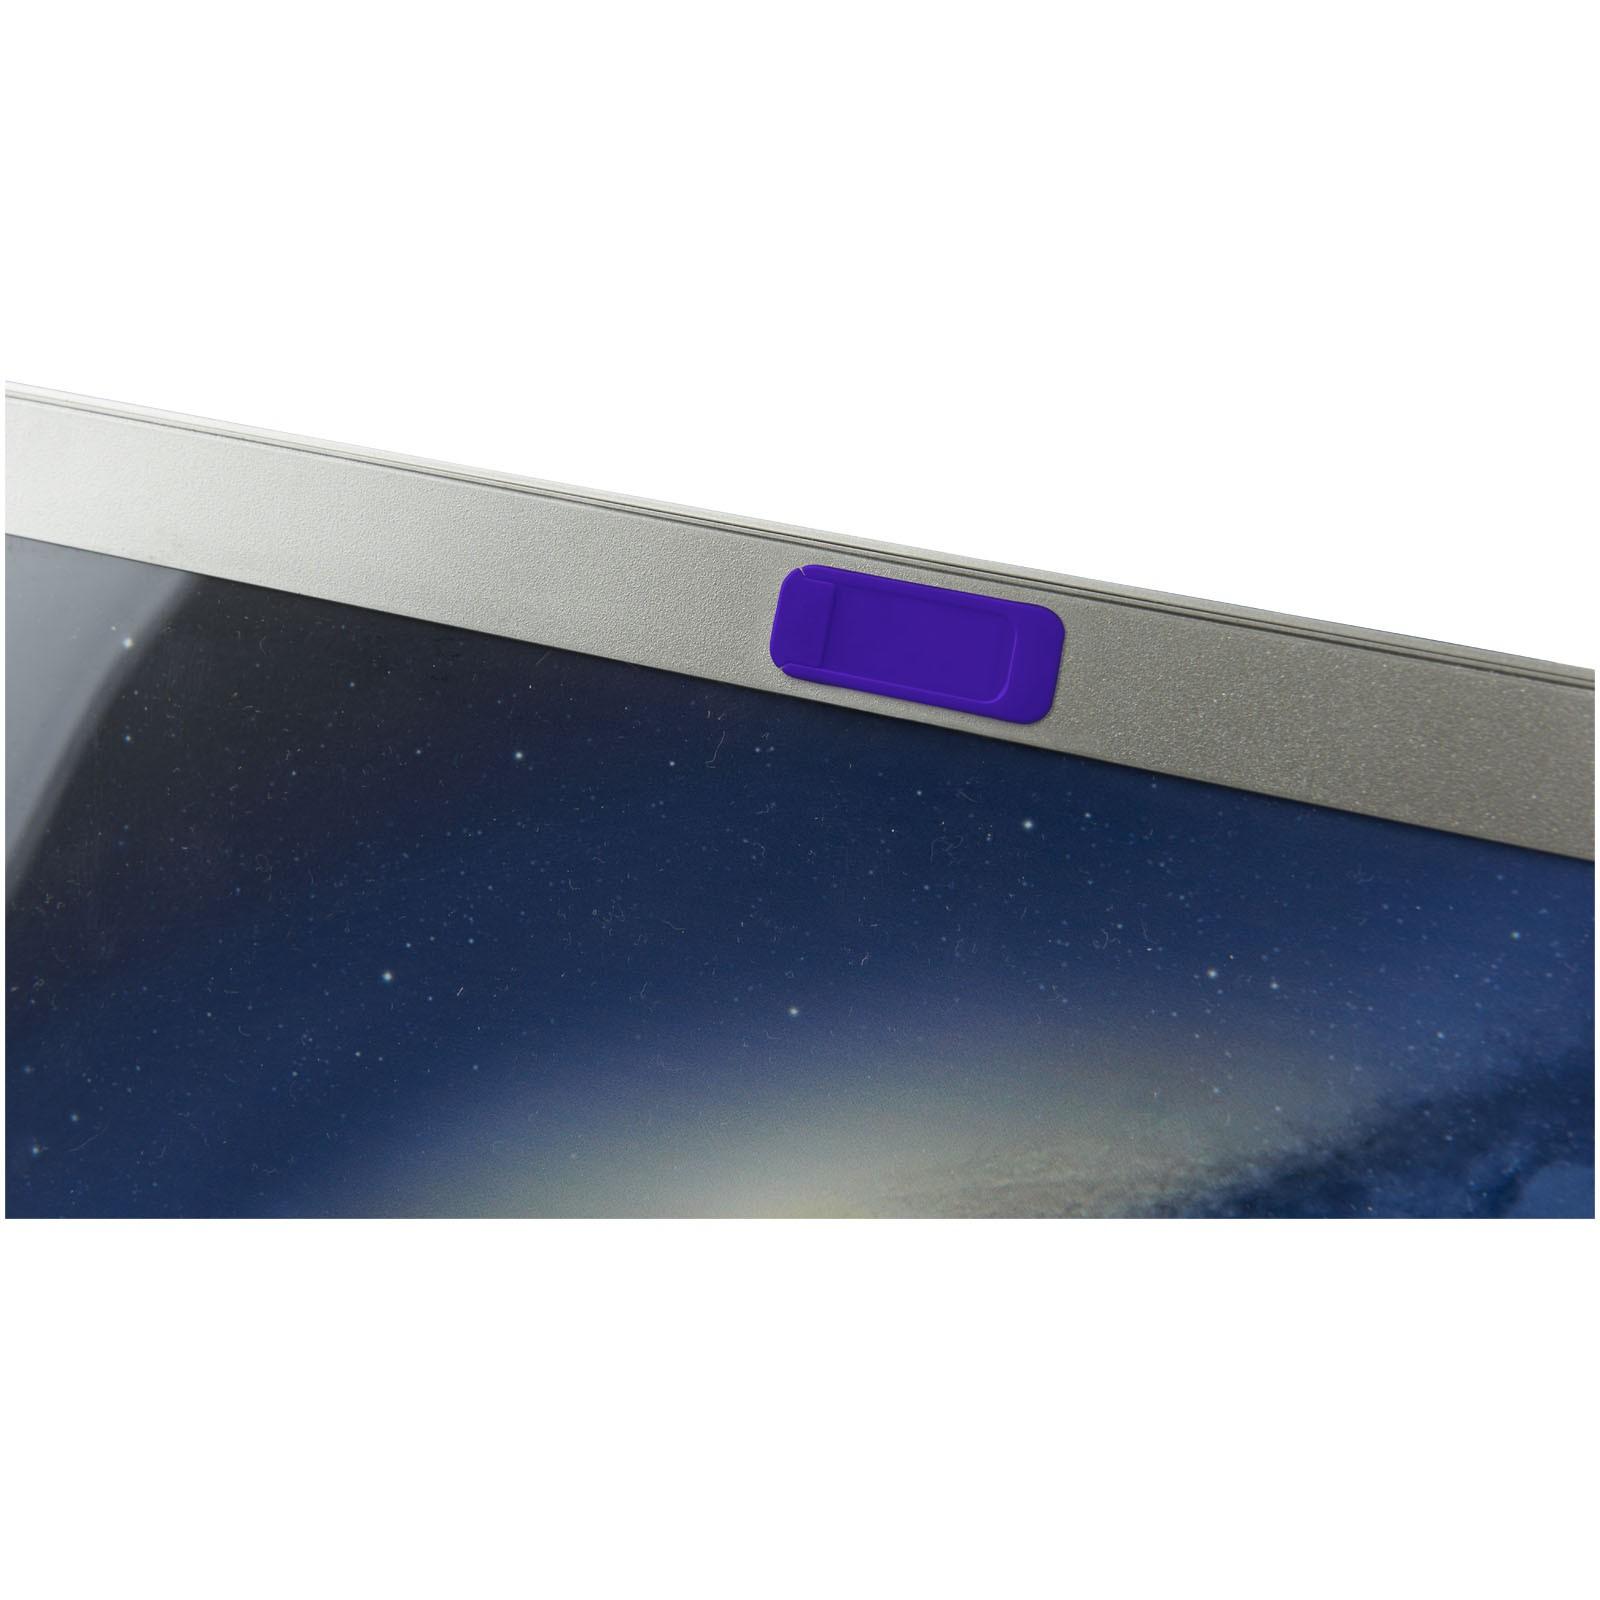 Blokáda na webkameru - Purpurová